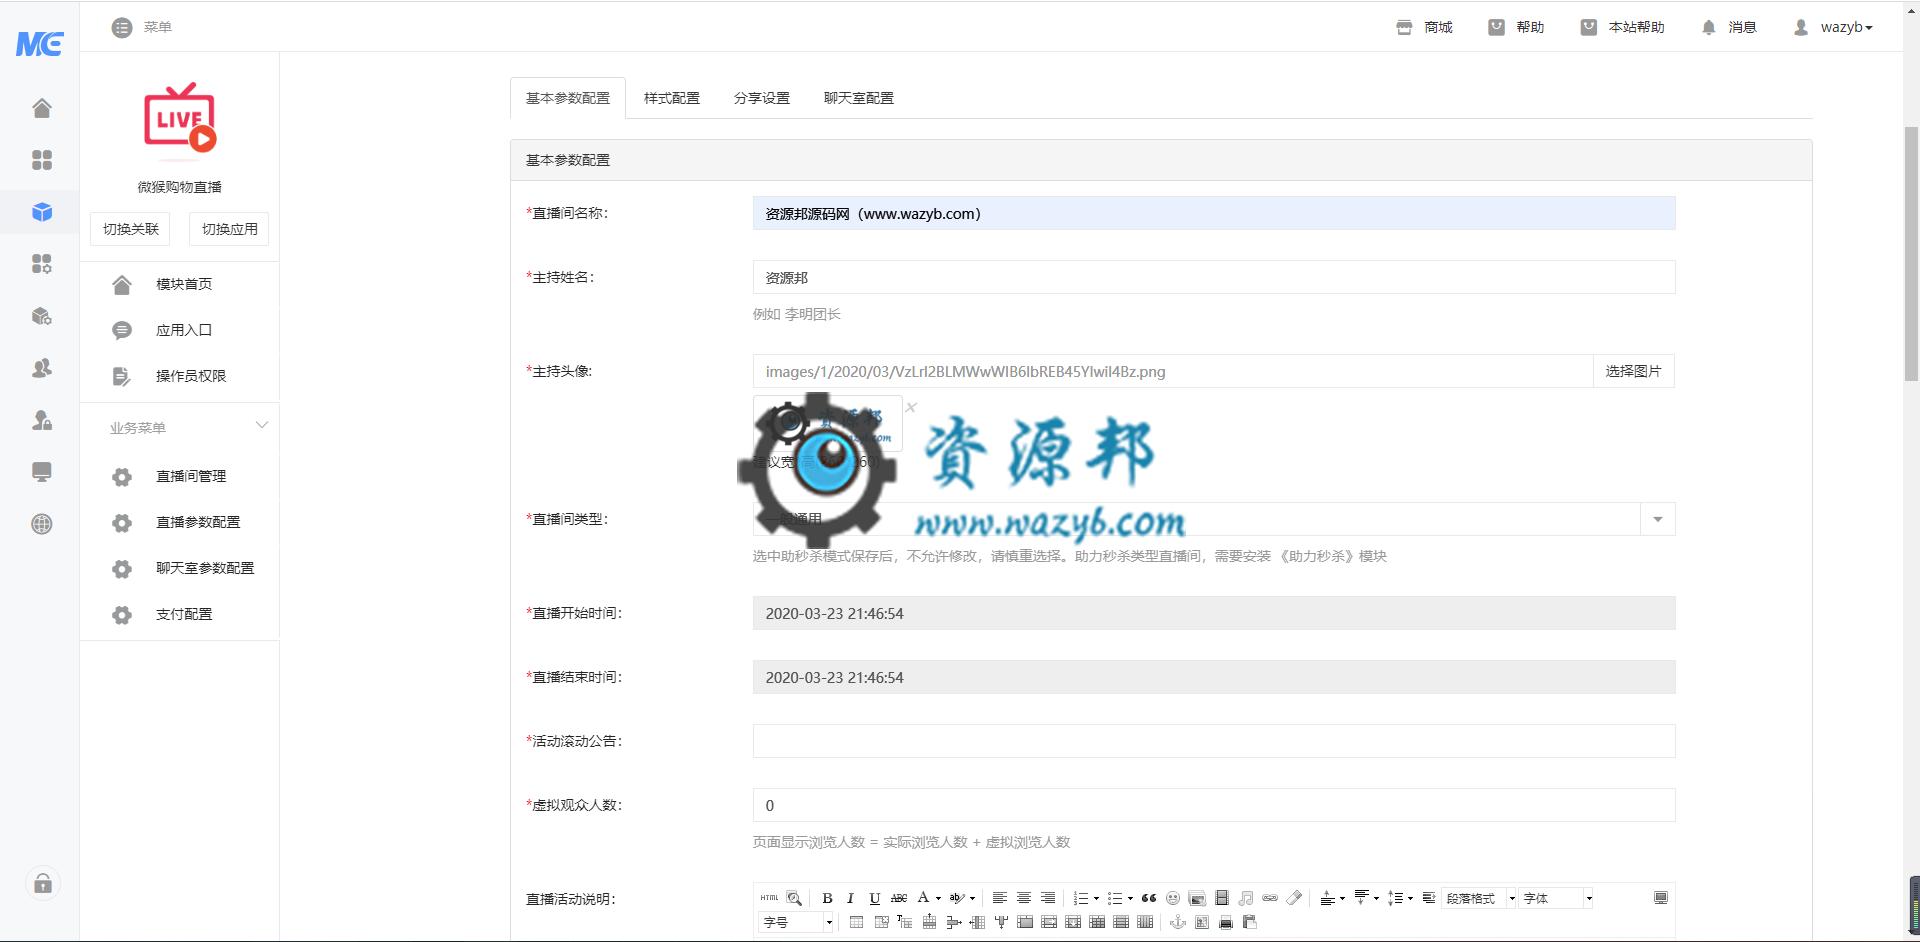 【首发限时收费】微猴购物直播源码包更新【更新至V1.0.13】 第2张